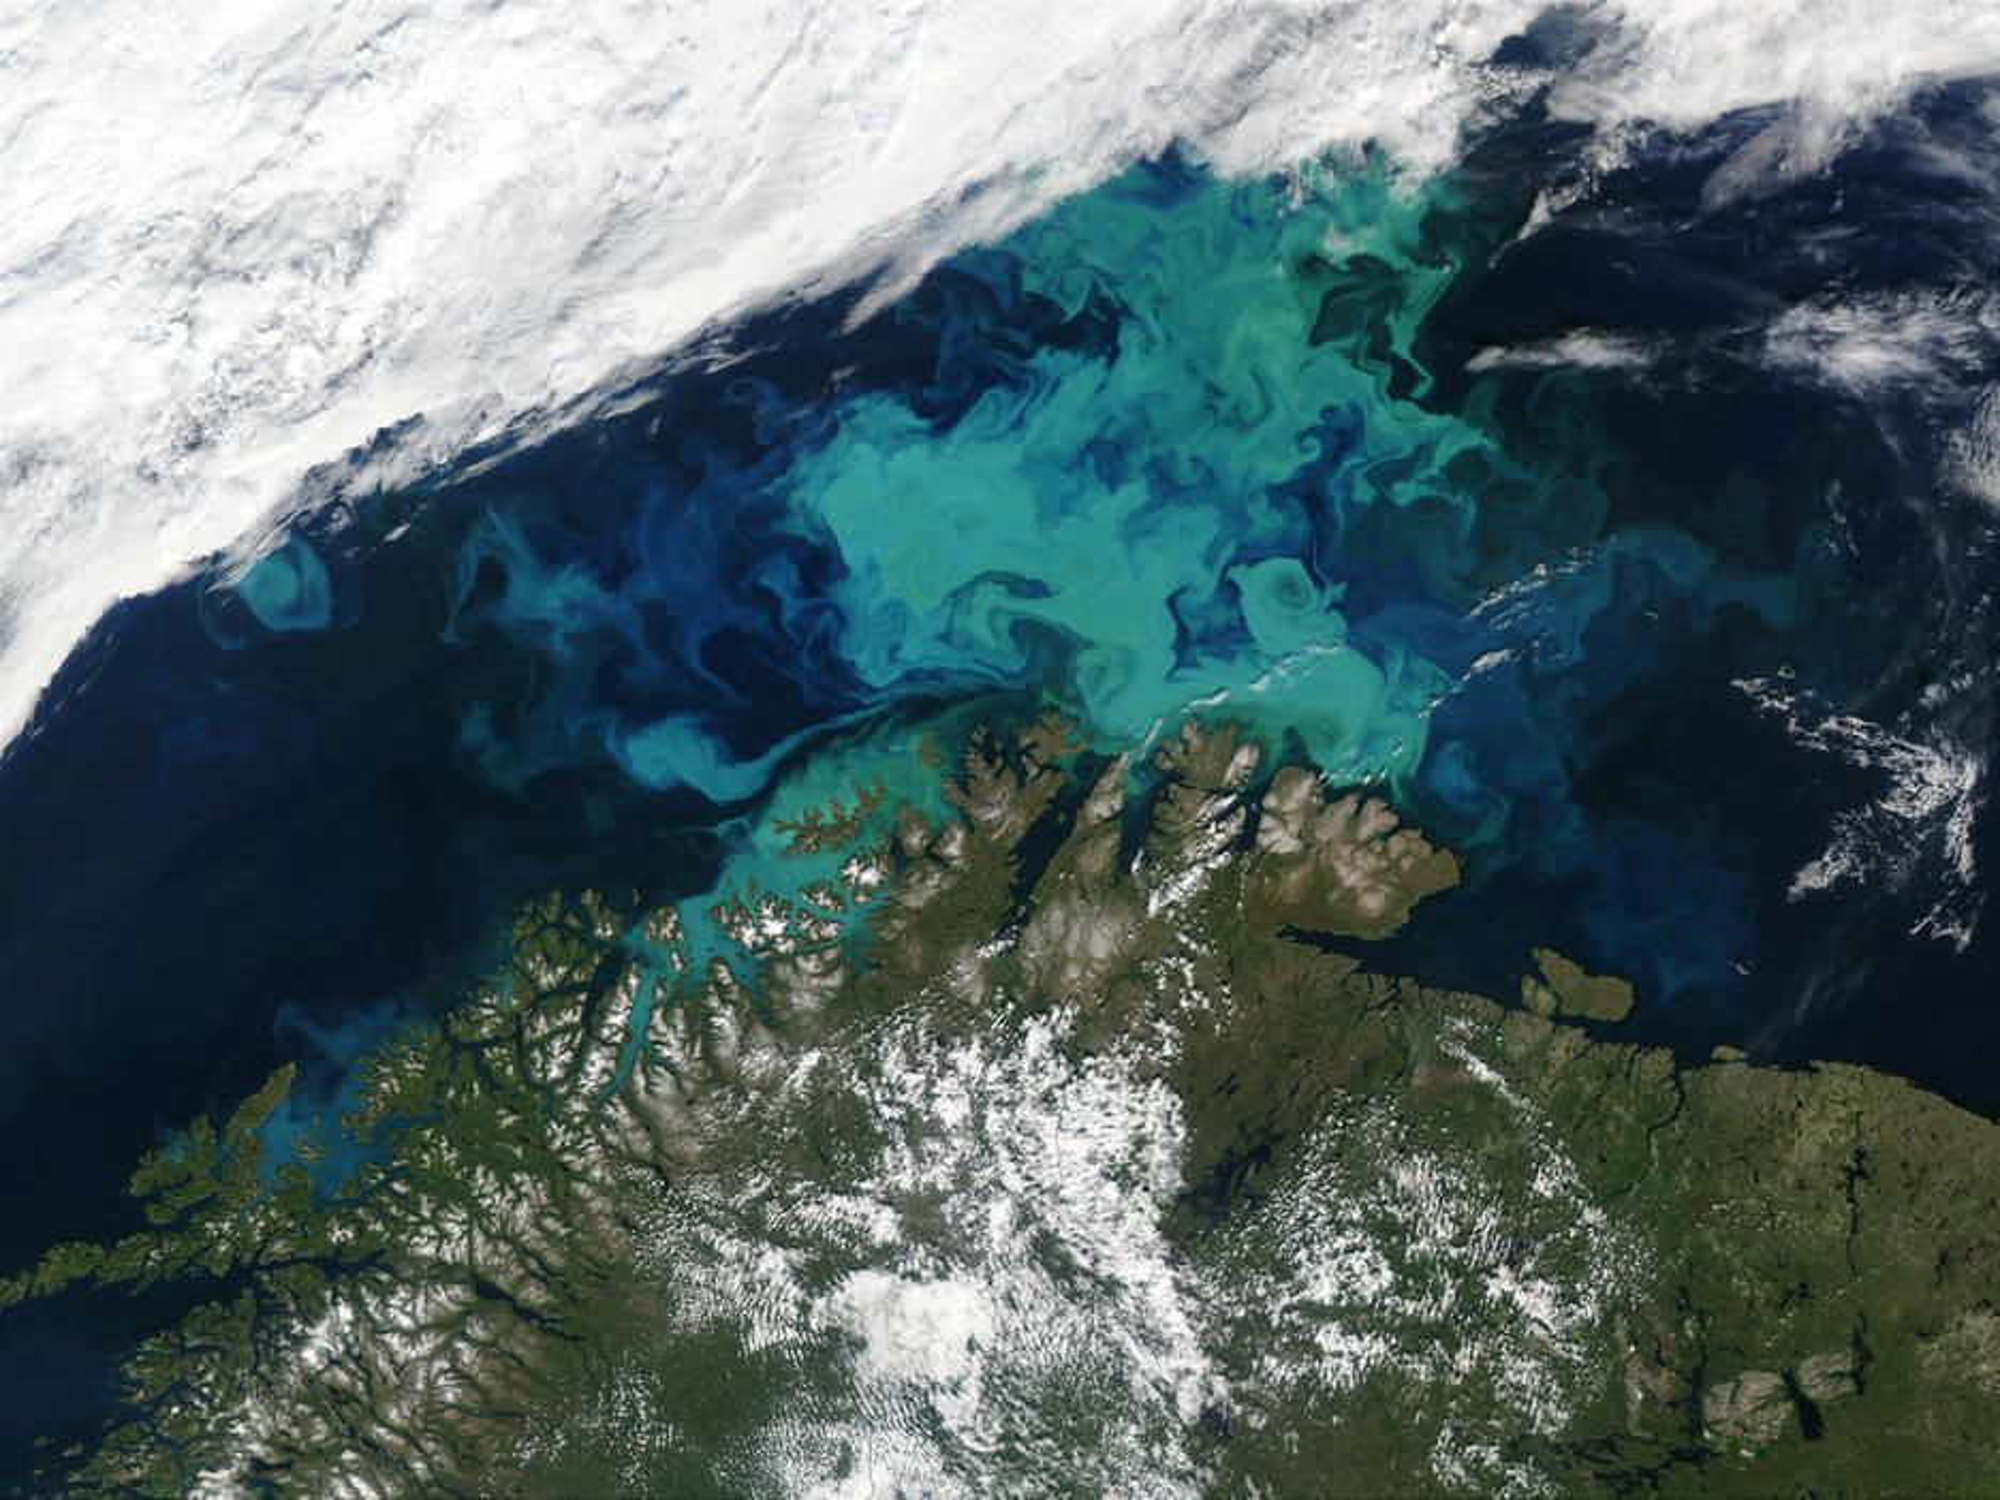 Medlemsbedriftene i NHO og Rederforbundet står for utbyggingen i Barentshavet, og de skal i framtiden produsere og transportere oljen og gassen fra disse områdene.